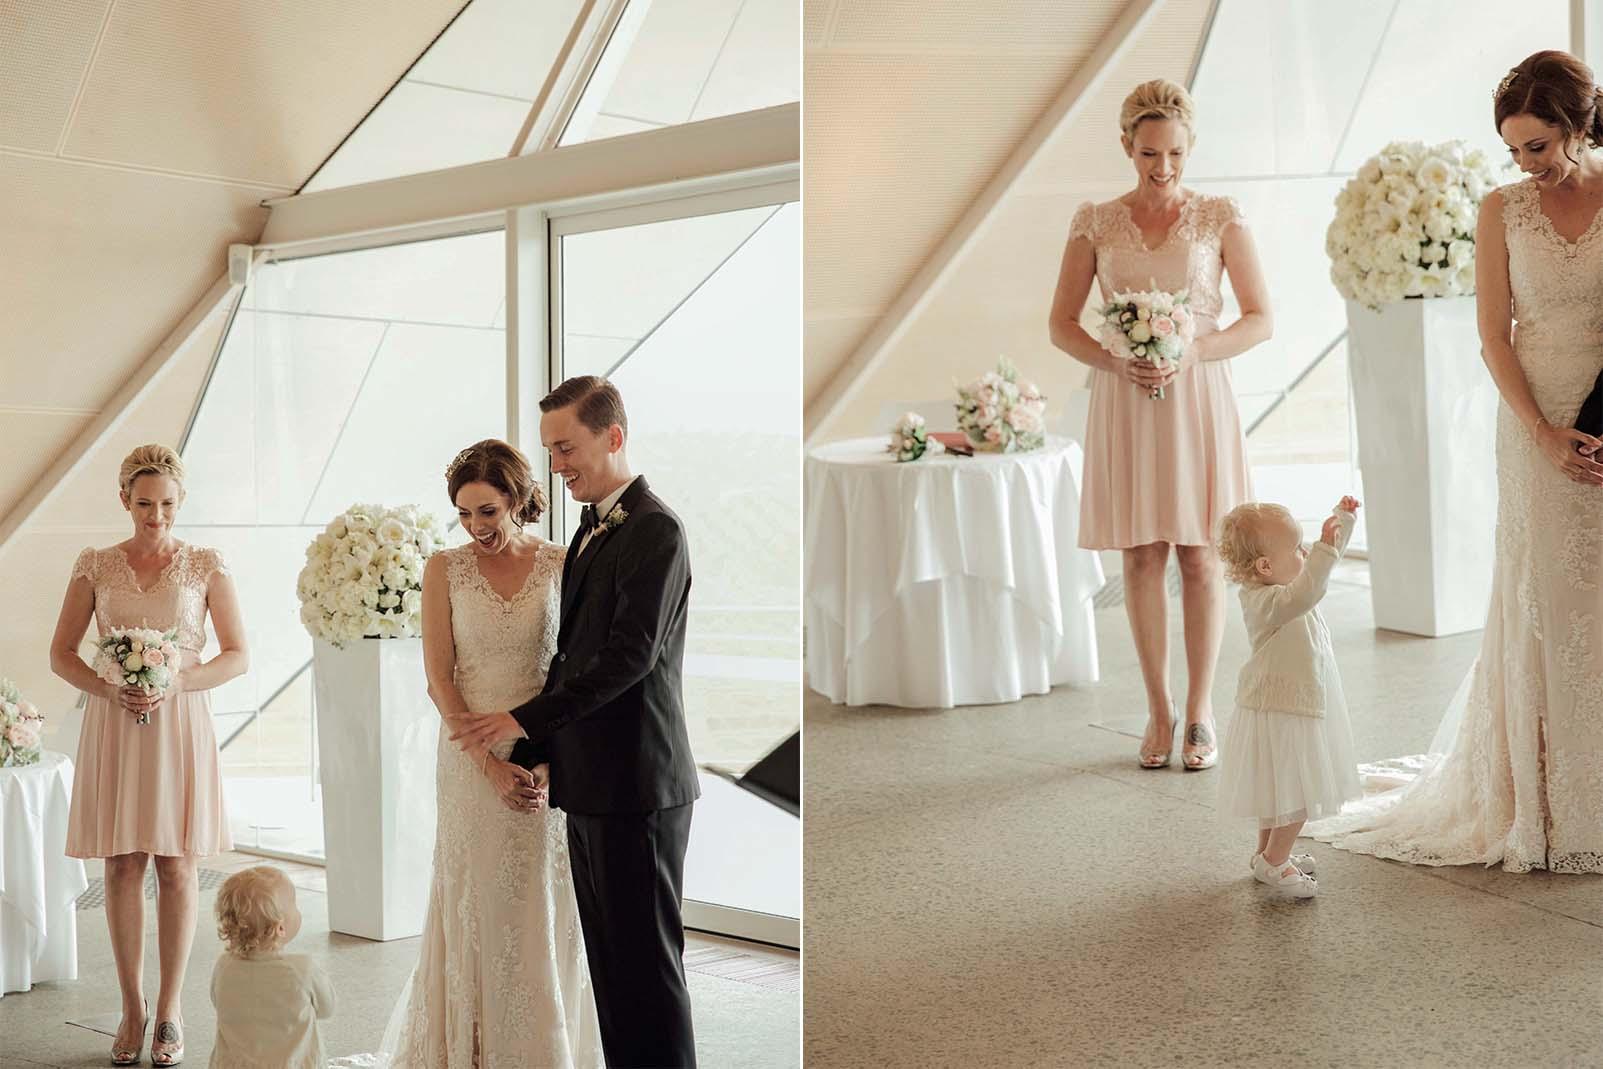 Maggie Bride Amy's stunning Australia wedding - Melanie by Maggie Sottero